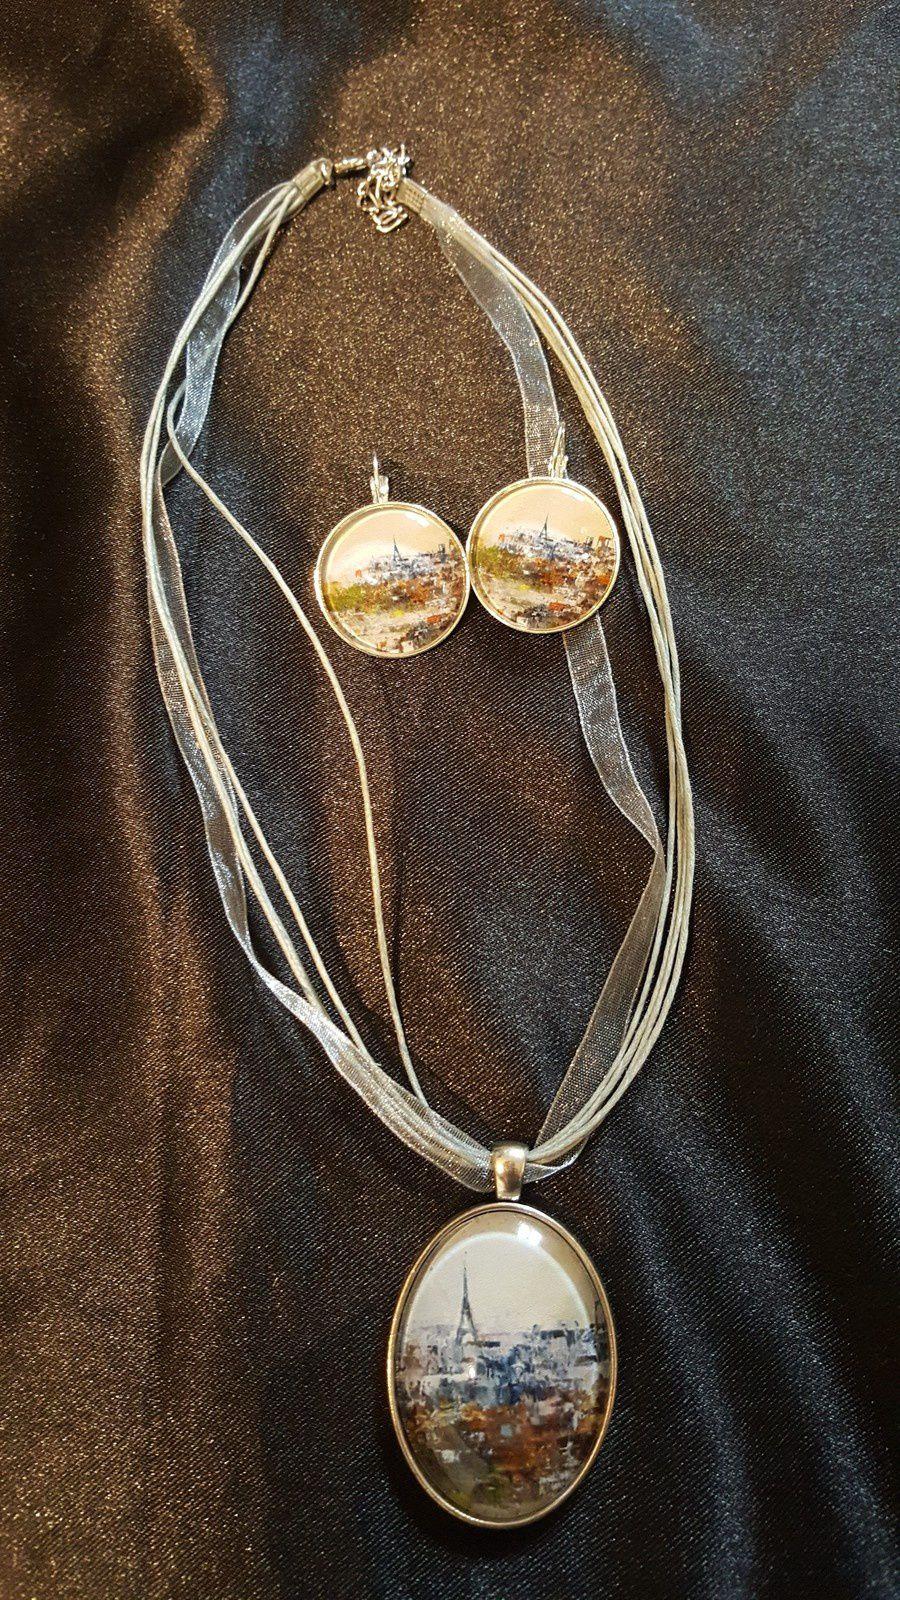 Collier 25 euros, boucles d'oreille 18 euros